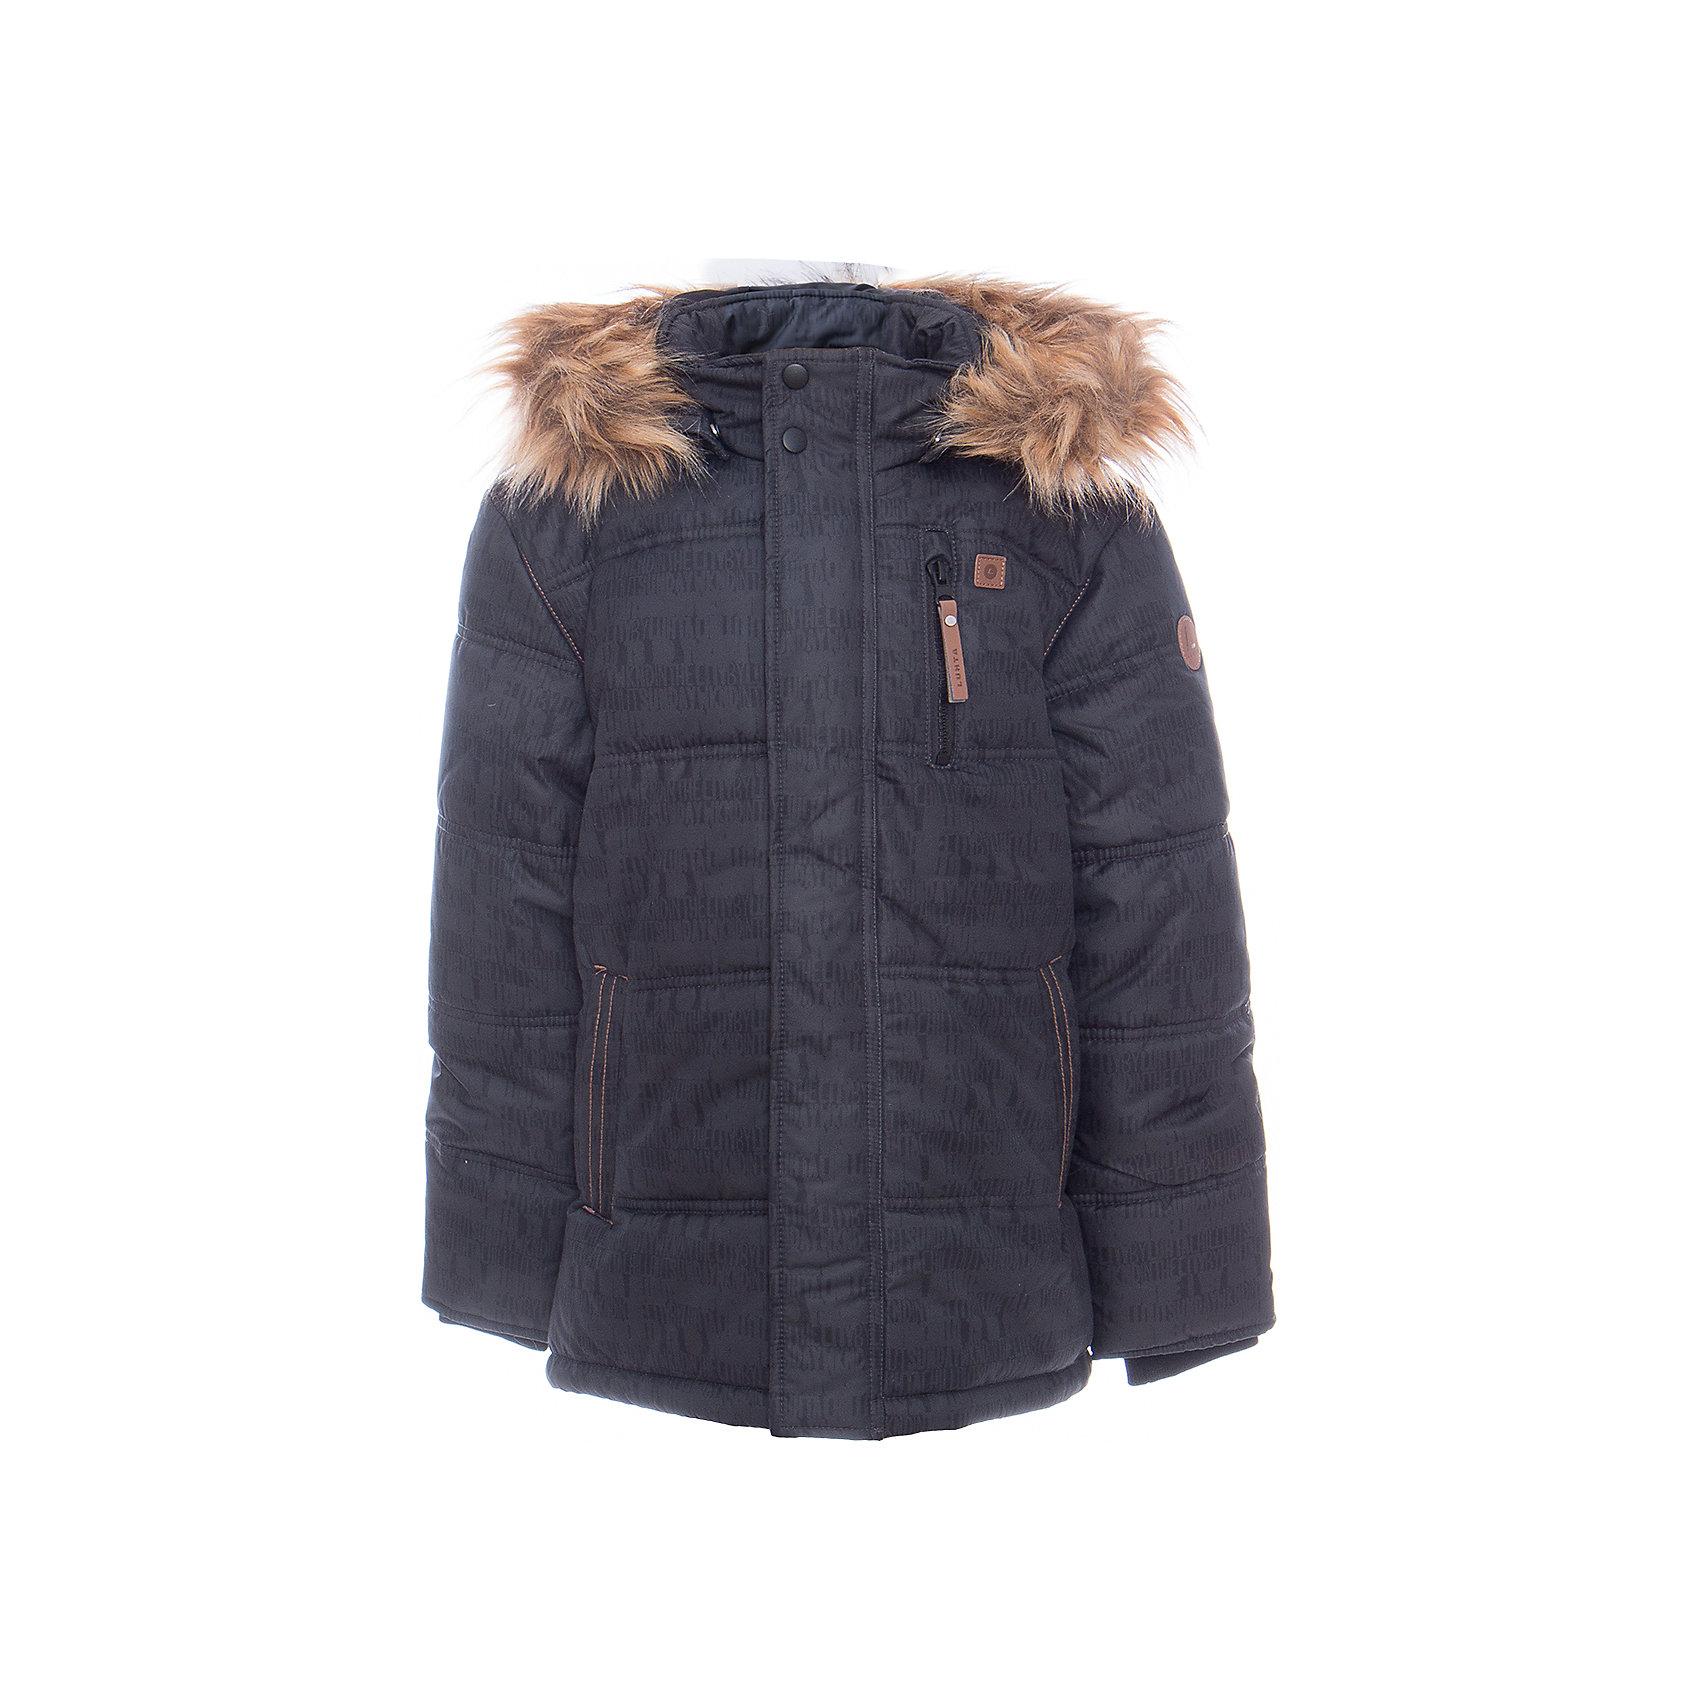 Куртка для мальчика LuhtaКуртка для мальчика от известного бренда Luhta.<br>Куртка с отстегивающимся капюшоном, искусственный мех, принт, в рукавах вязанные манжеты, утяжка в нижней части куртки, теплые карманы на молнии, светоотражающие элементы, утепление 280 гр. рекомендуемый температурный режим до -30 град., термометр, показывающий температуру внутри верхней одежды.<br>Технологии: Luhta WATER REPELLENT; Luhta BREATHABLE; 2000/2000; Luhta DIRT REPELLENT; Luhta SAFETY; Luhta FINNWAD; Luhta -30<br>Состав:<br>100% полиэстер<br><br>Ширина мм: 356<br>Глубина мм: 10<br>Высота мм: 245<br>Вес г: 519<br>Цвет: синий<br>Возраст от месяцев: 144<br>Возраст до месяцев: 156<br>Пол: Мужской<br>Возраст: Детский<br>Размер: 158,164,134,140,146,152<br>SKU: 5413940